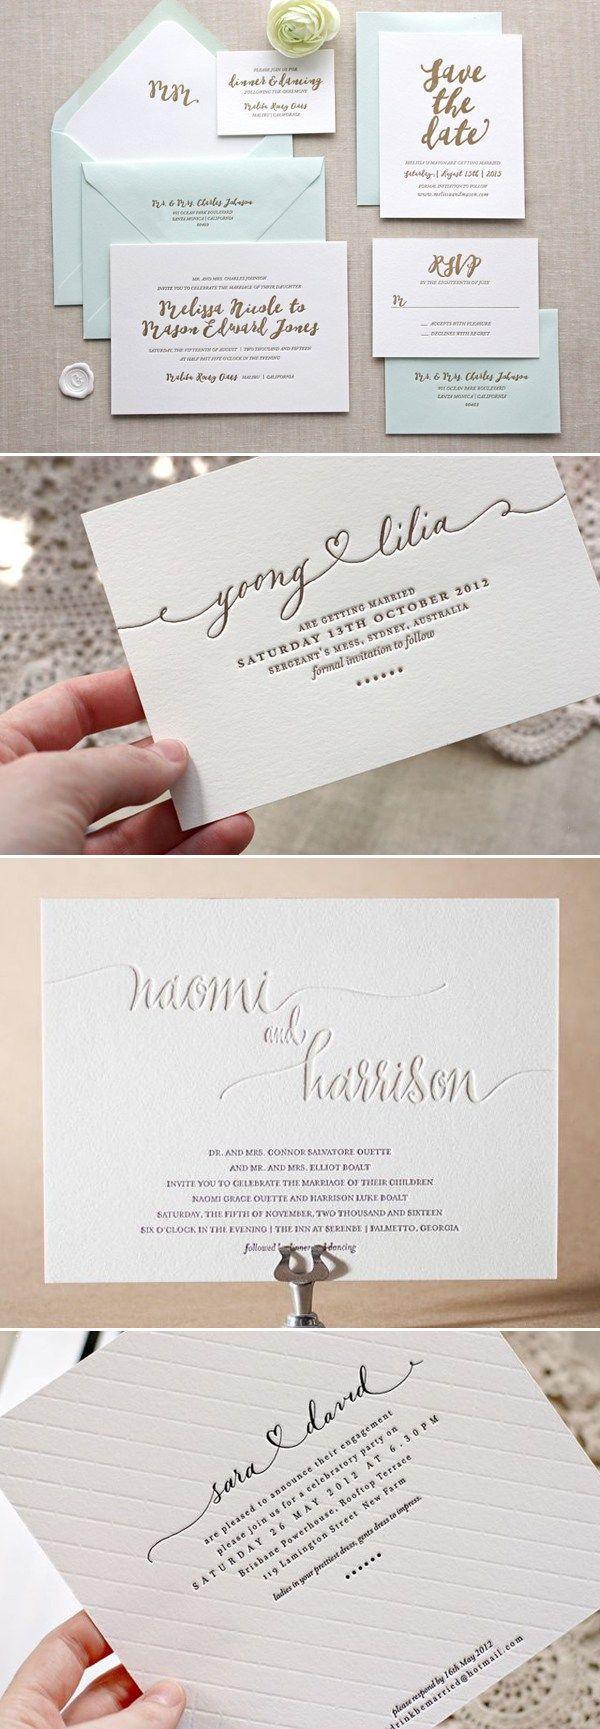 Buat Pernikahanmu Semakin Berkesan dengan 30 Inspirasi Desain Undangan Nikah Minimalis nan Cantik